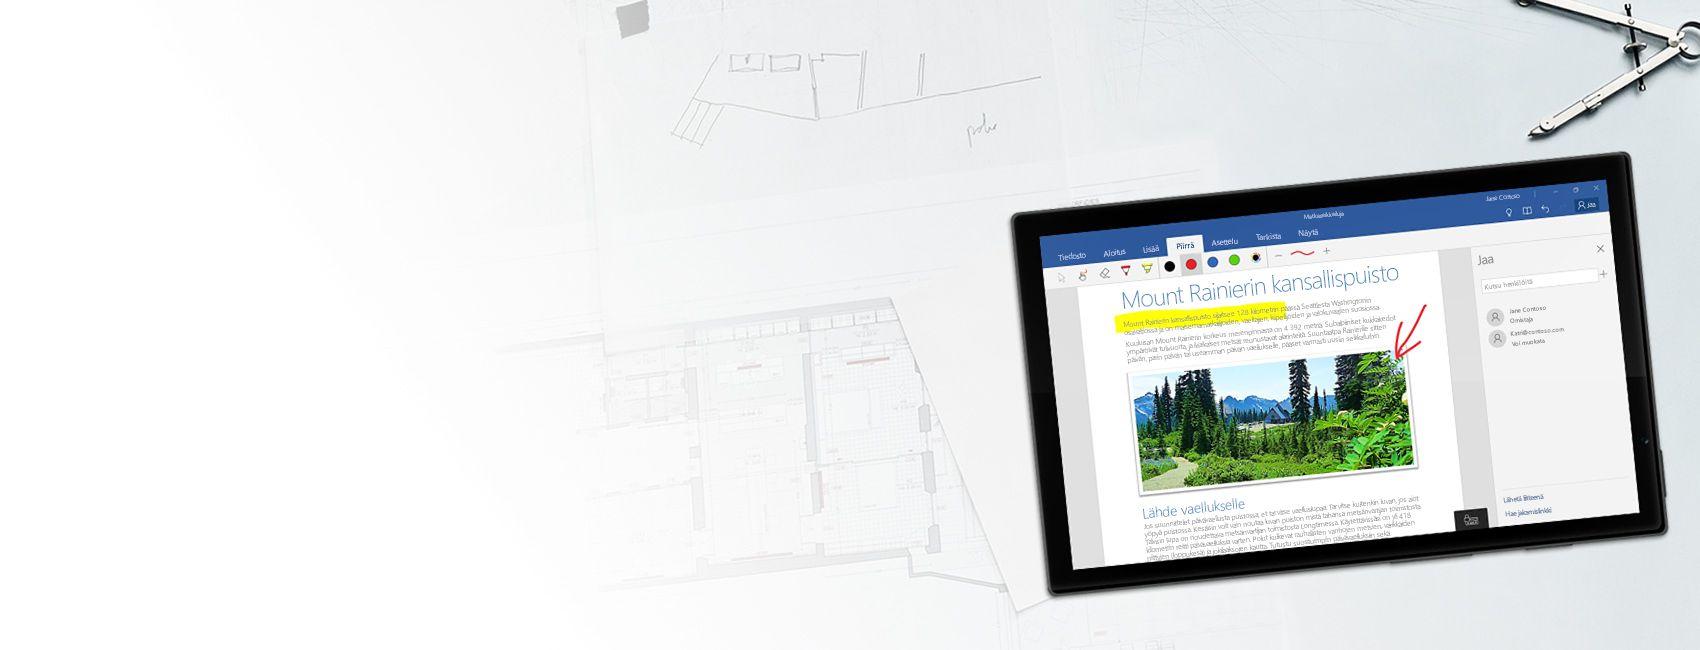 Windows-tabletti, jossa näkyy Mount Rainier National Park -puistoa käsittelevä Word-asiakirja Word Windows 10 Mobilessa